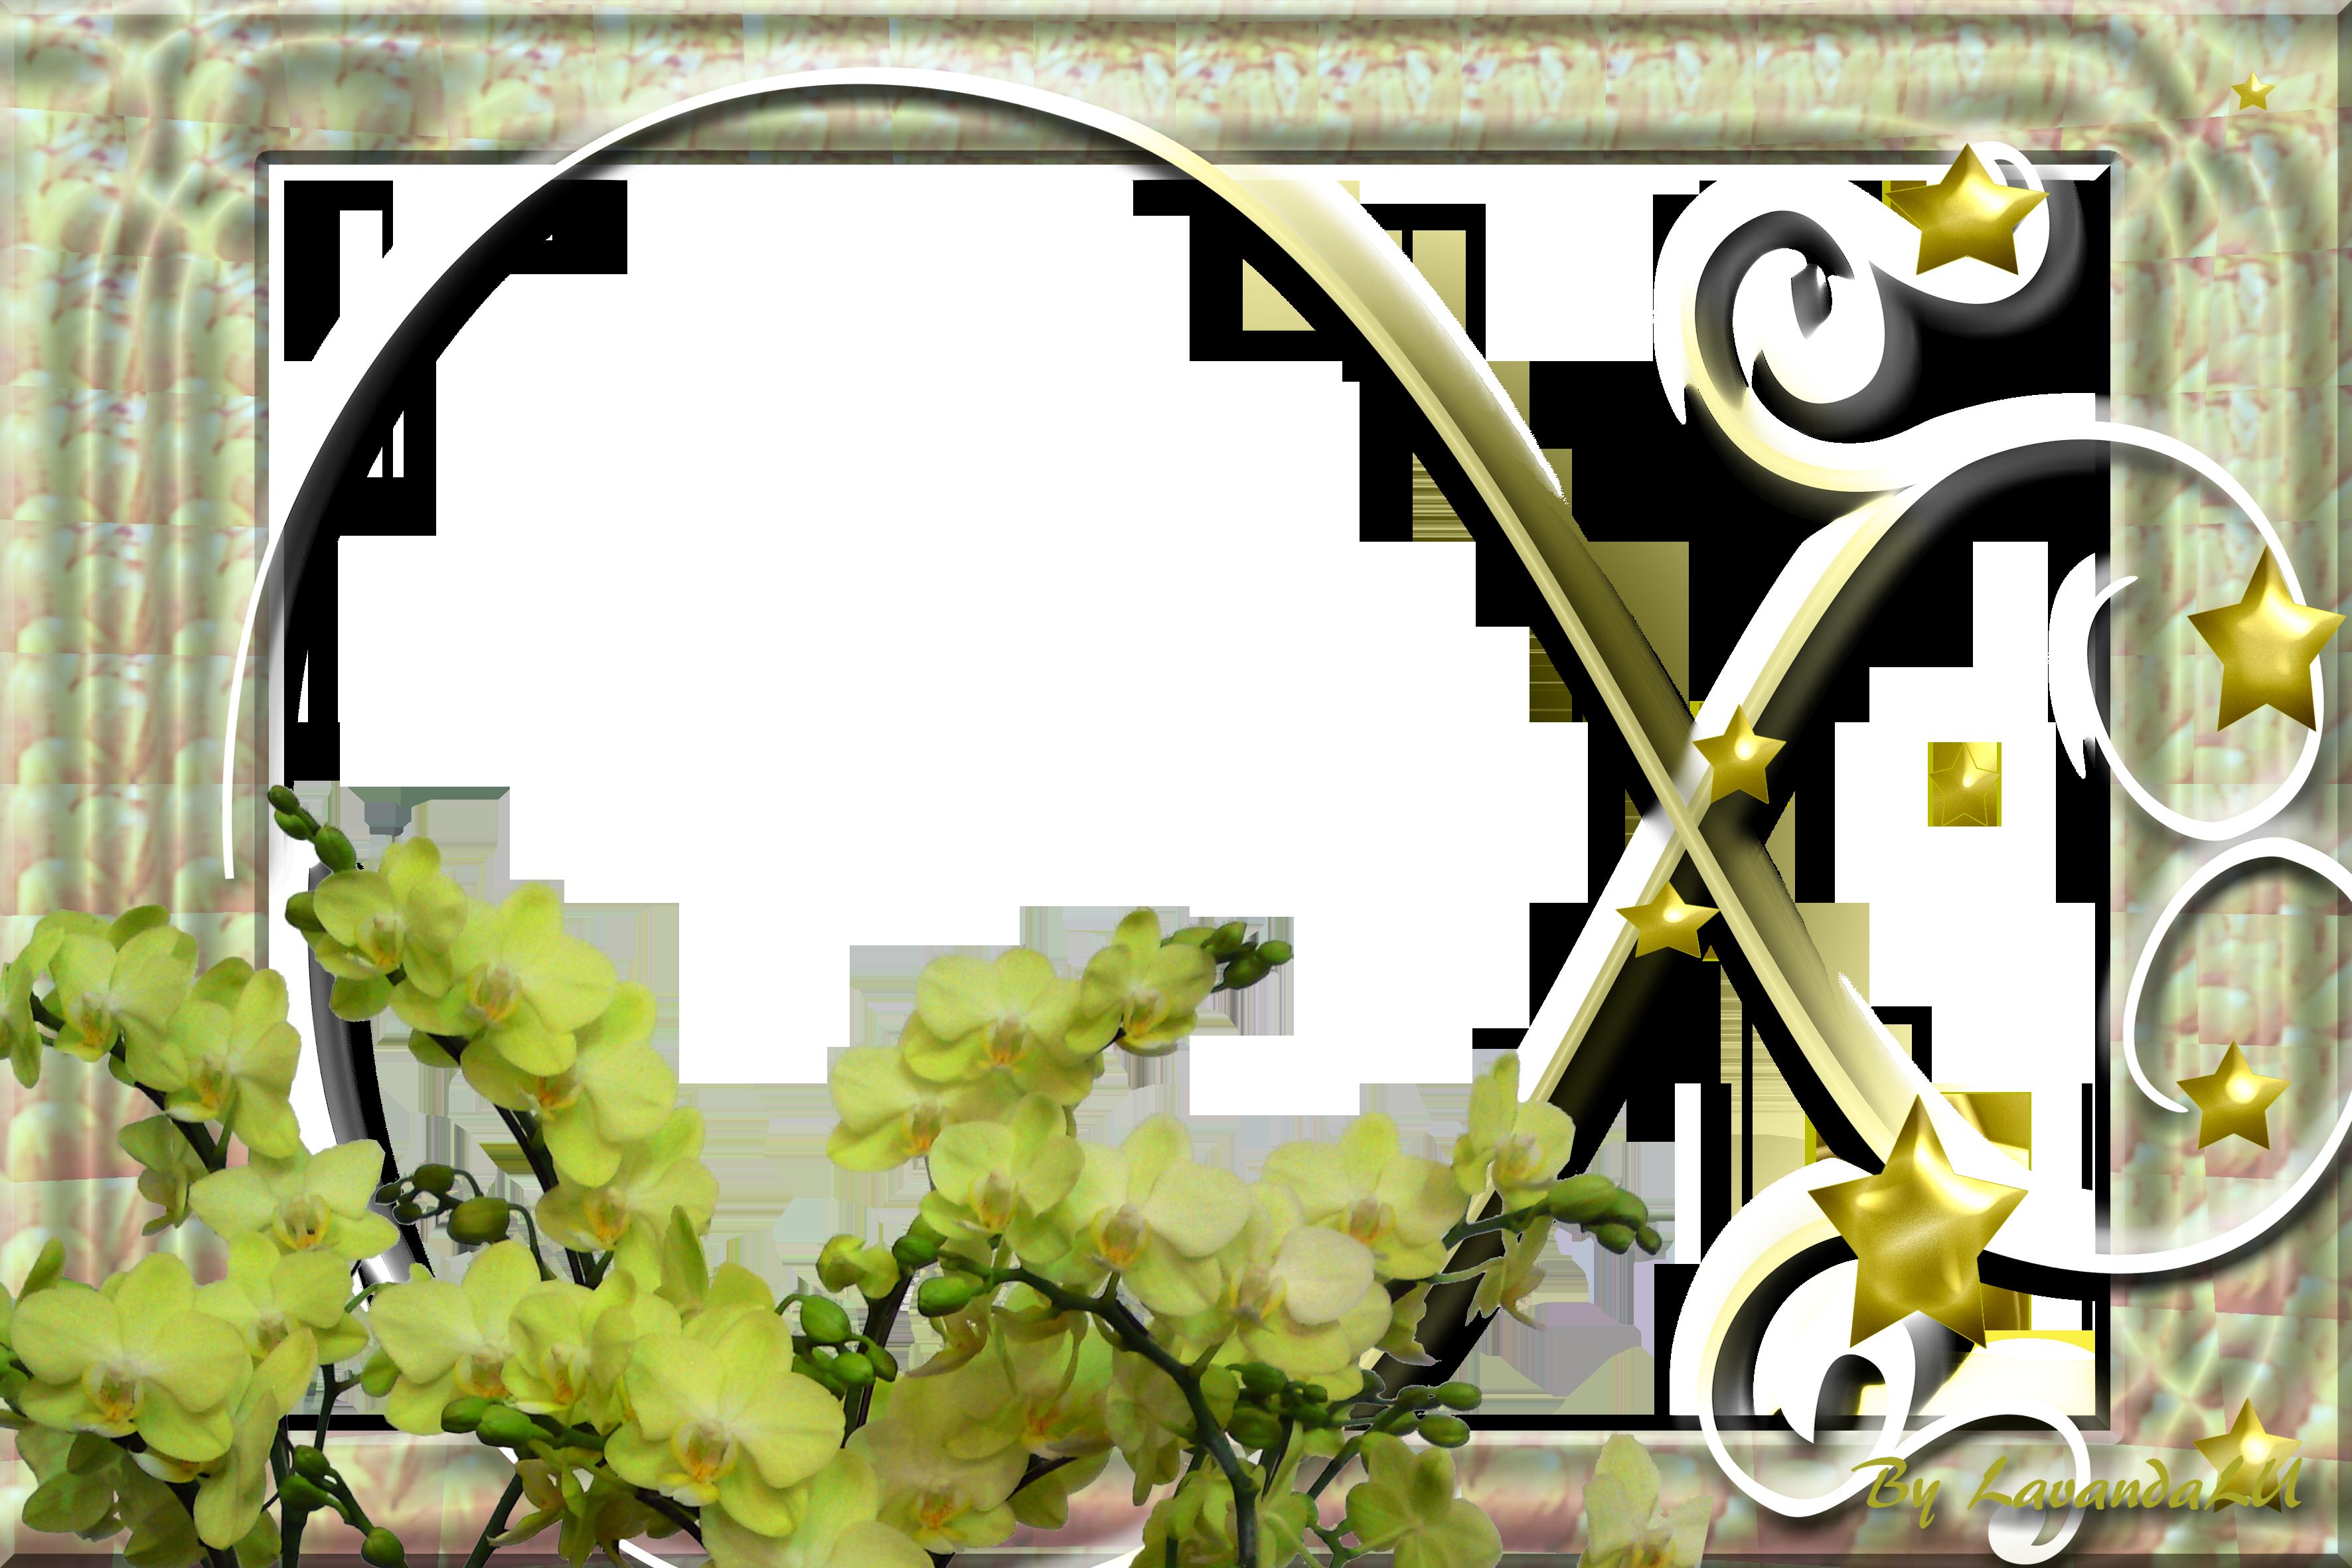 Lav 39 s png frames88 by lavandalu on deviantart for Window design png